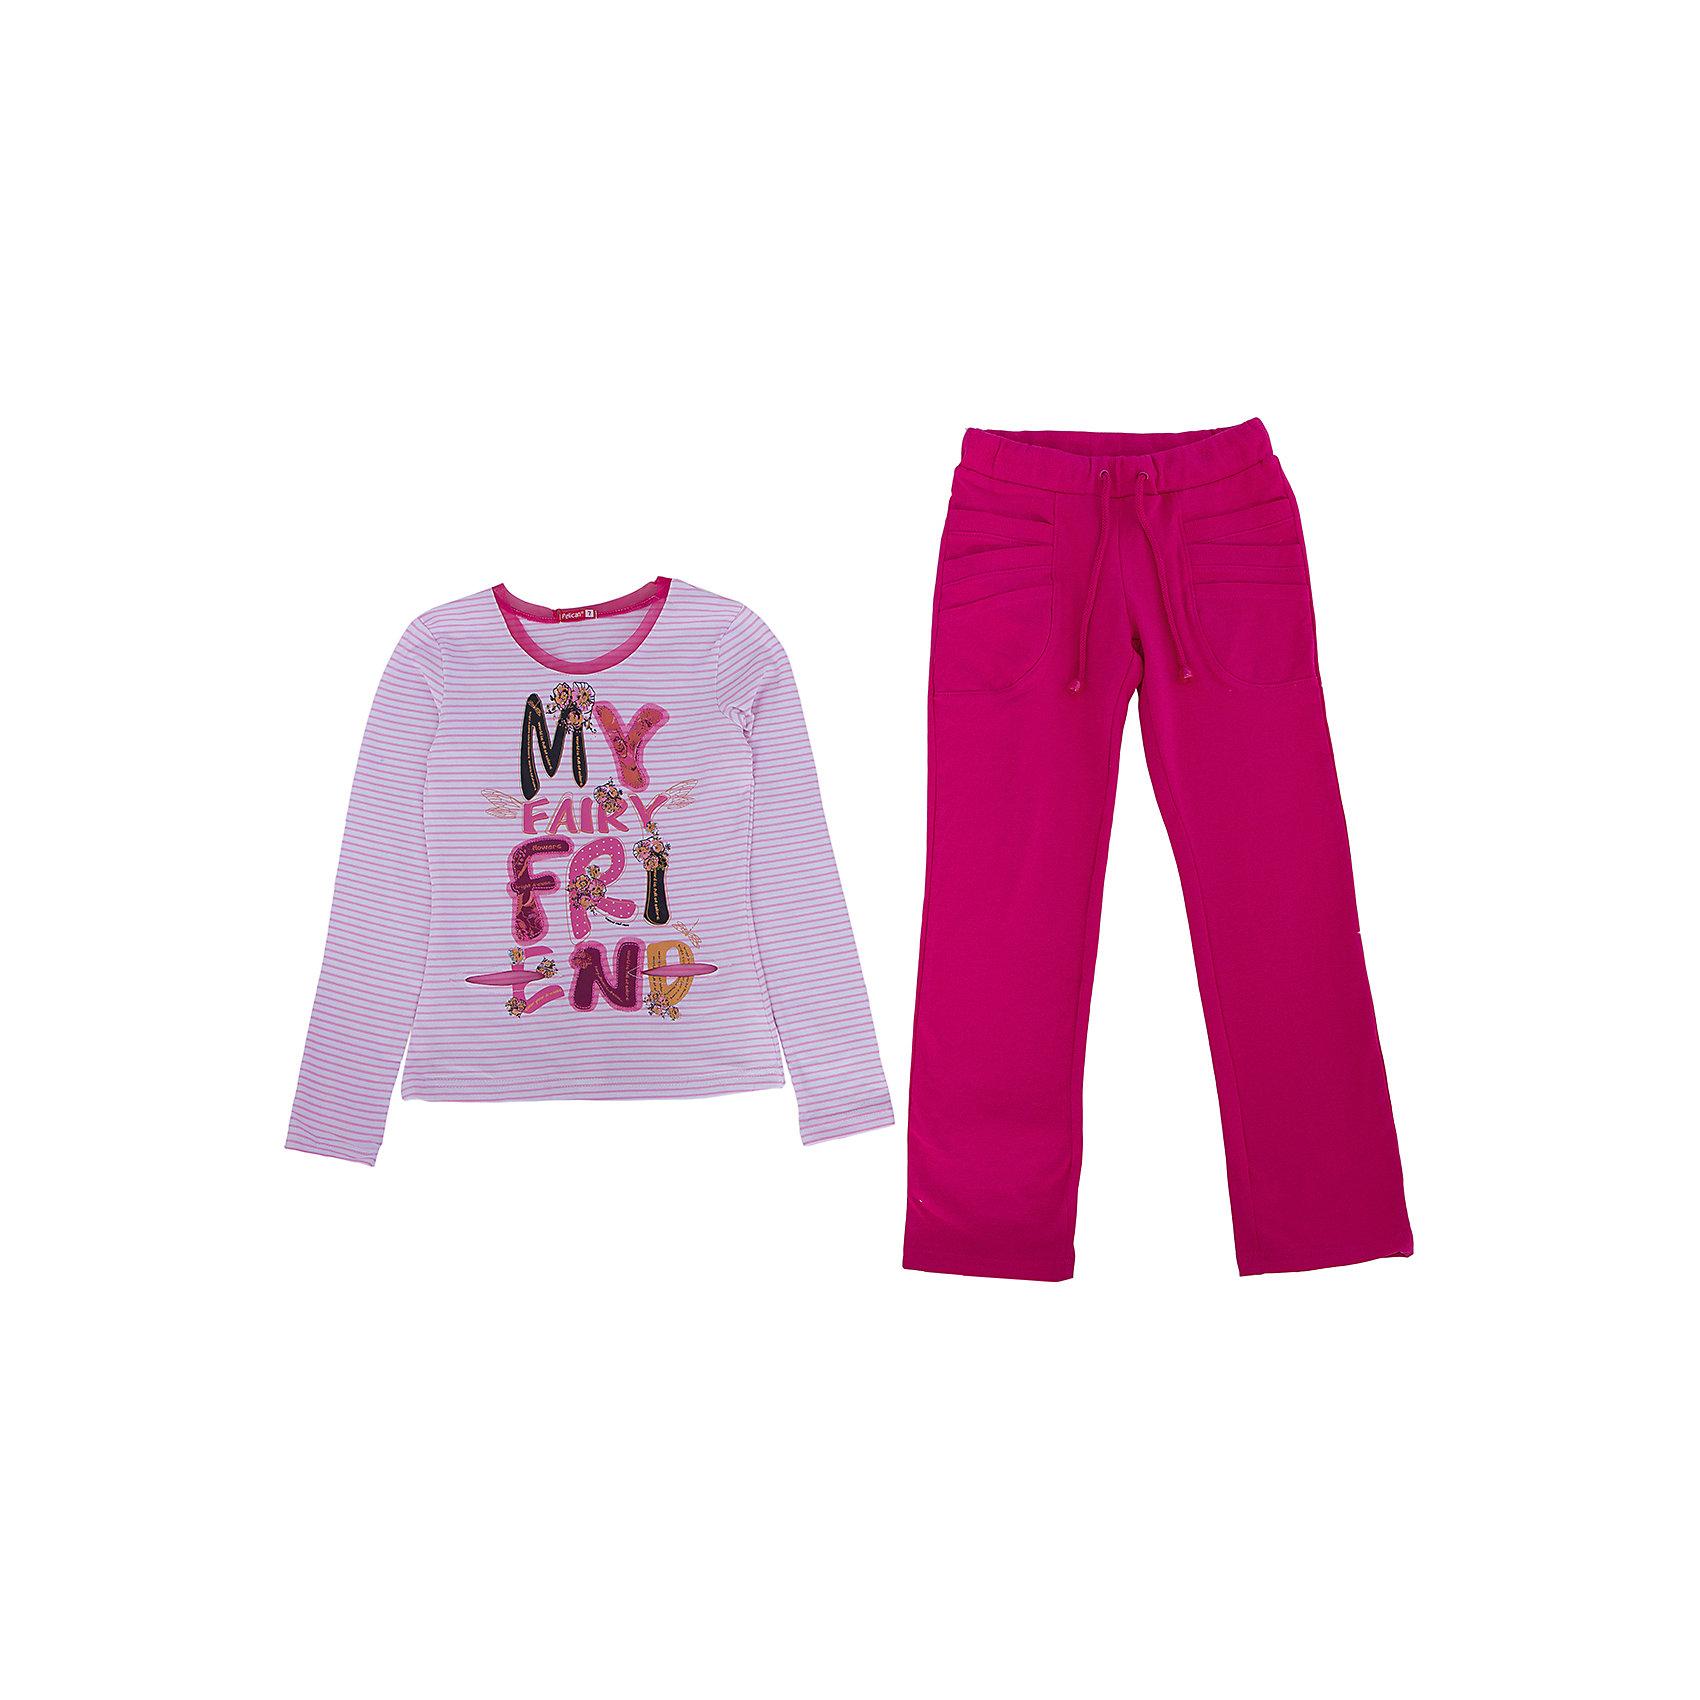 Комплект :футболка с длинным рукавом и брюки для девочки PELICANКомплекты<br>Модный комплект для девочки состоит из футболки с длинным рукавом и брюк. Удобные брюки и футболка помогут разнообразить летний гардероб ребенка, создать подходящий погоде ансамбль. Удобный крой и качественный материал обеспечат ребенку комфорт при ношении этих вещей. <br>Брюки очень стильно смотрятся благодаря актуальному в этом сезоне цвету. Футболка - с модным принтом. Материал - легкий, отлично подходит для детской одежды, состоит преимущественно из дышащего натурального хлопка. Очень приятен на ощупь, не вызывает аллергии.<br><br>Дополнительная информация:<br><br>материал: 93% хлопок, 7% эластан;<br>цвет: разноцветный;<br>футболка - с принтом.<br><br>Комплект для девочки от бренда PELICAN (Пеликан) можно купить в нашем магазине.<br><br>Ширина мм: 215<br>Глубина мм: 88<br>Высота мм: 191<br>Вес г: 336<br>Цвет: фиолетовый<br>Возраст от месяцев: 72<br>Возраст до месяцев: 84<br>Пол: Женский<br>Возраст: Детский<br>Размер: 122,116<br>SKU: 4804900